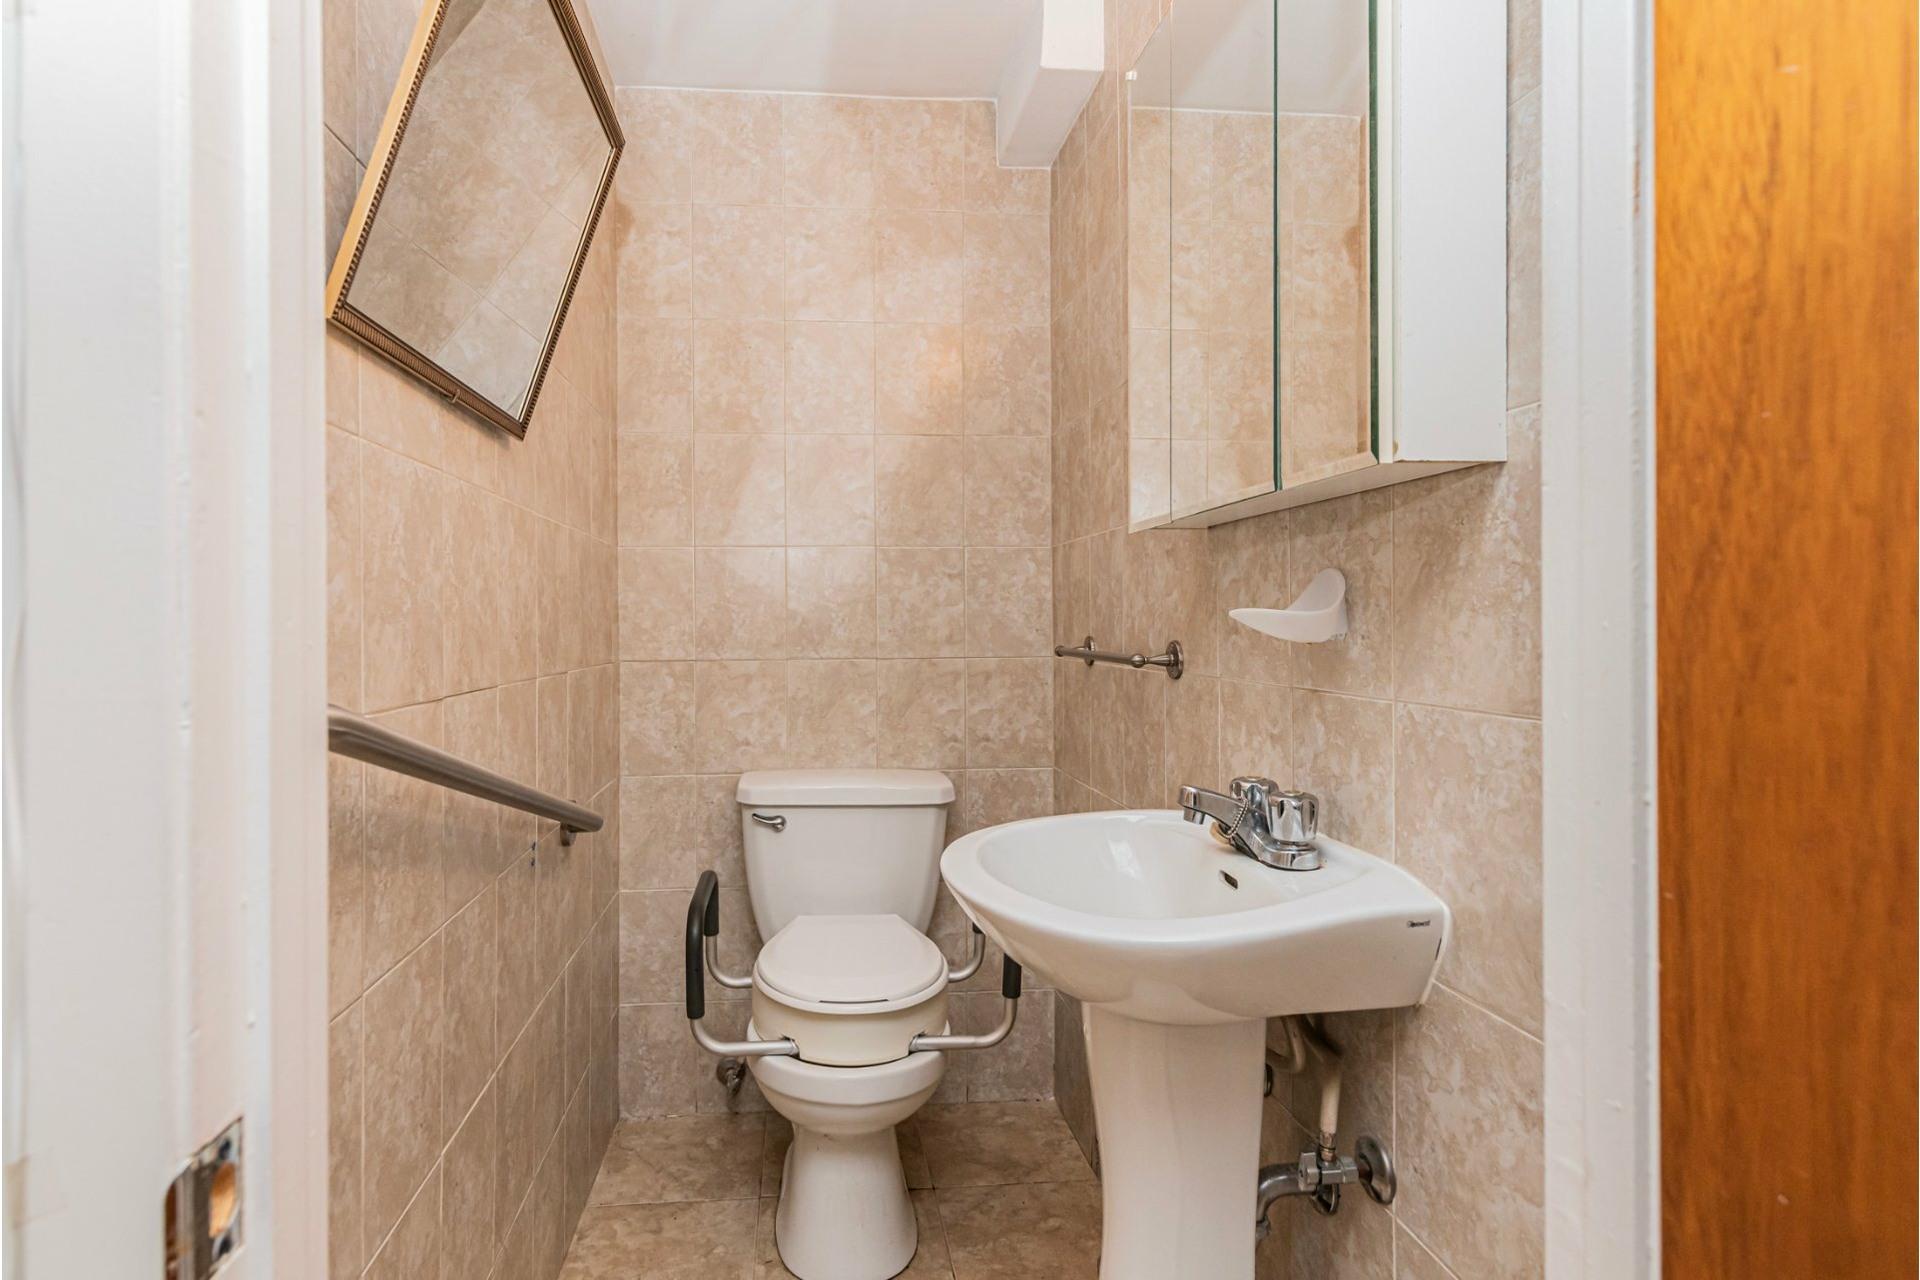 image 28 - Duplex For sale Saint-Léonard Montréal  - 9 rooms